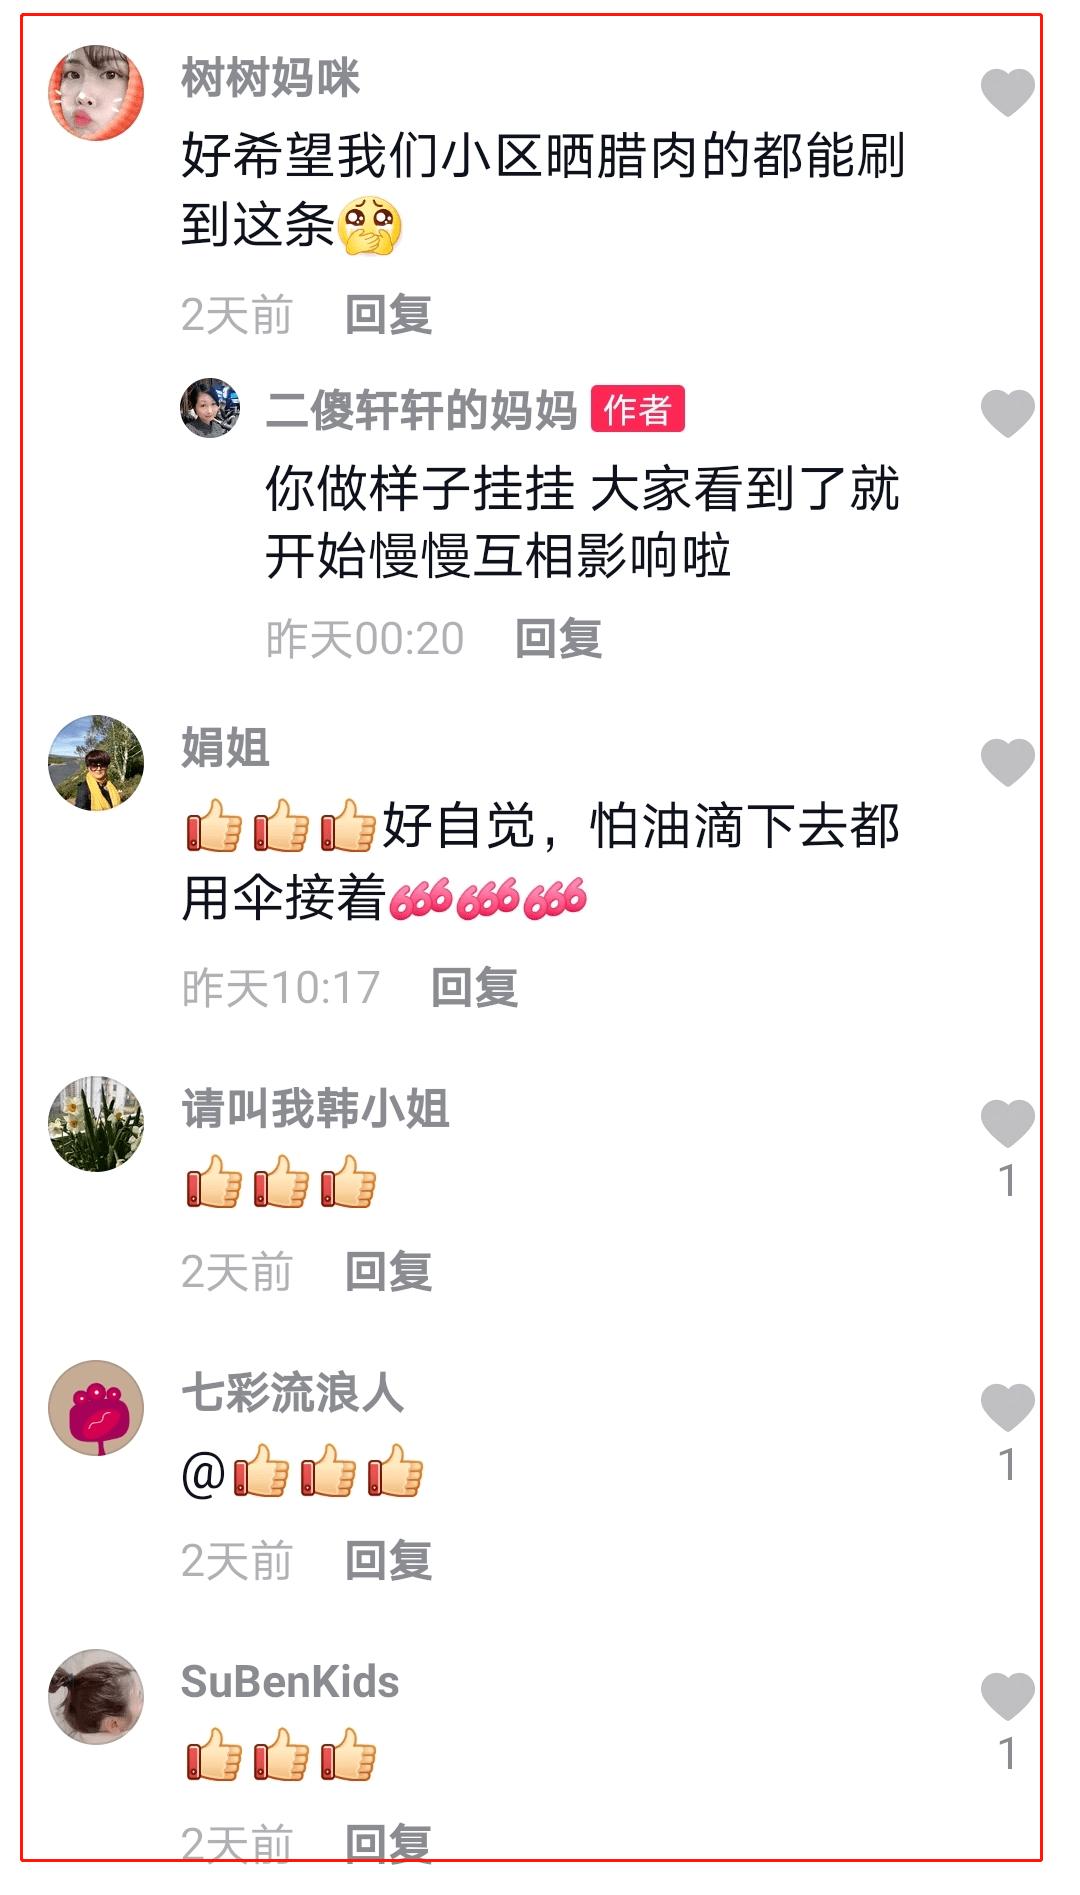 怪事!杭州一居民楼,大晴天撑满雨伞?网友纷纷点赞!